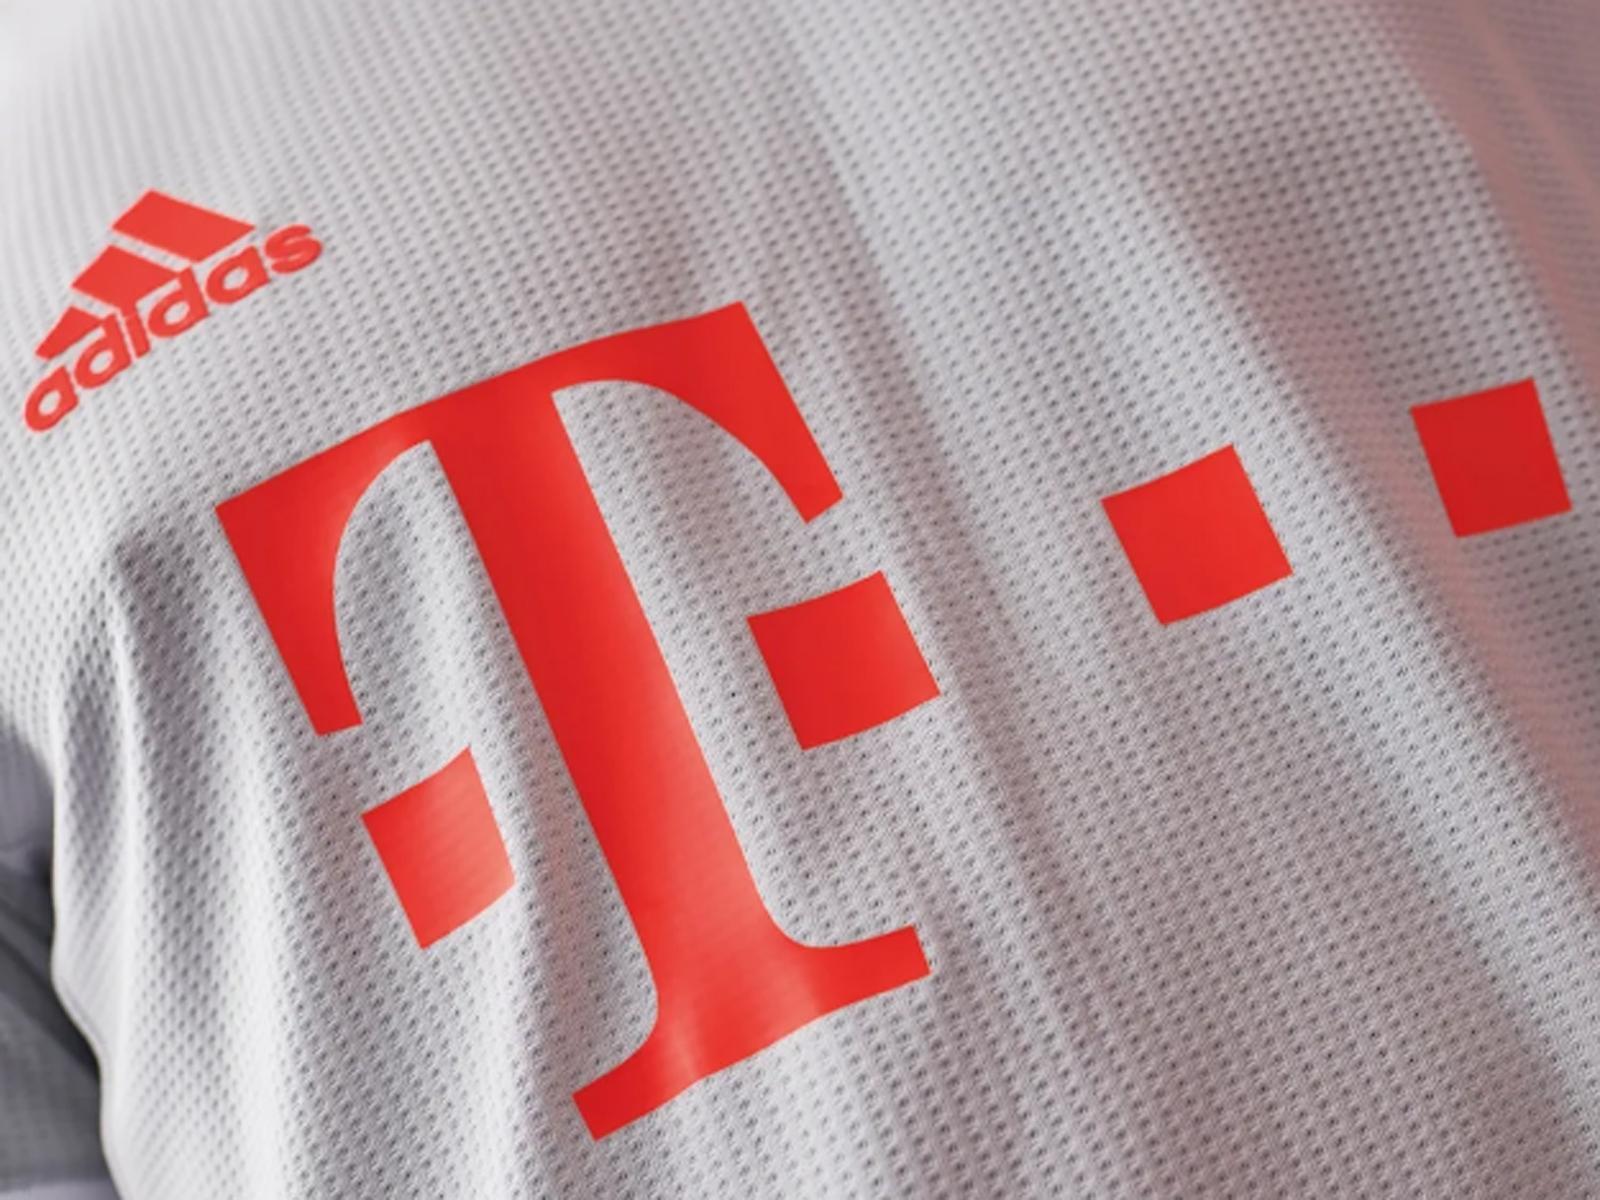 Das neue Auswärtstrikot des FC Bayern München wurde vorgestellt.